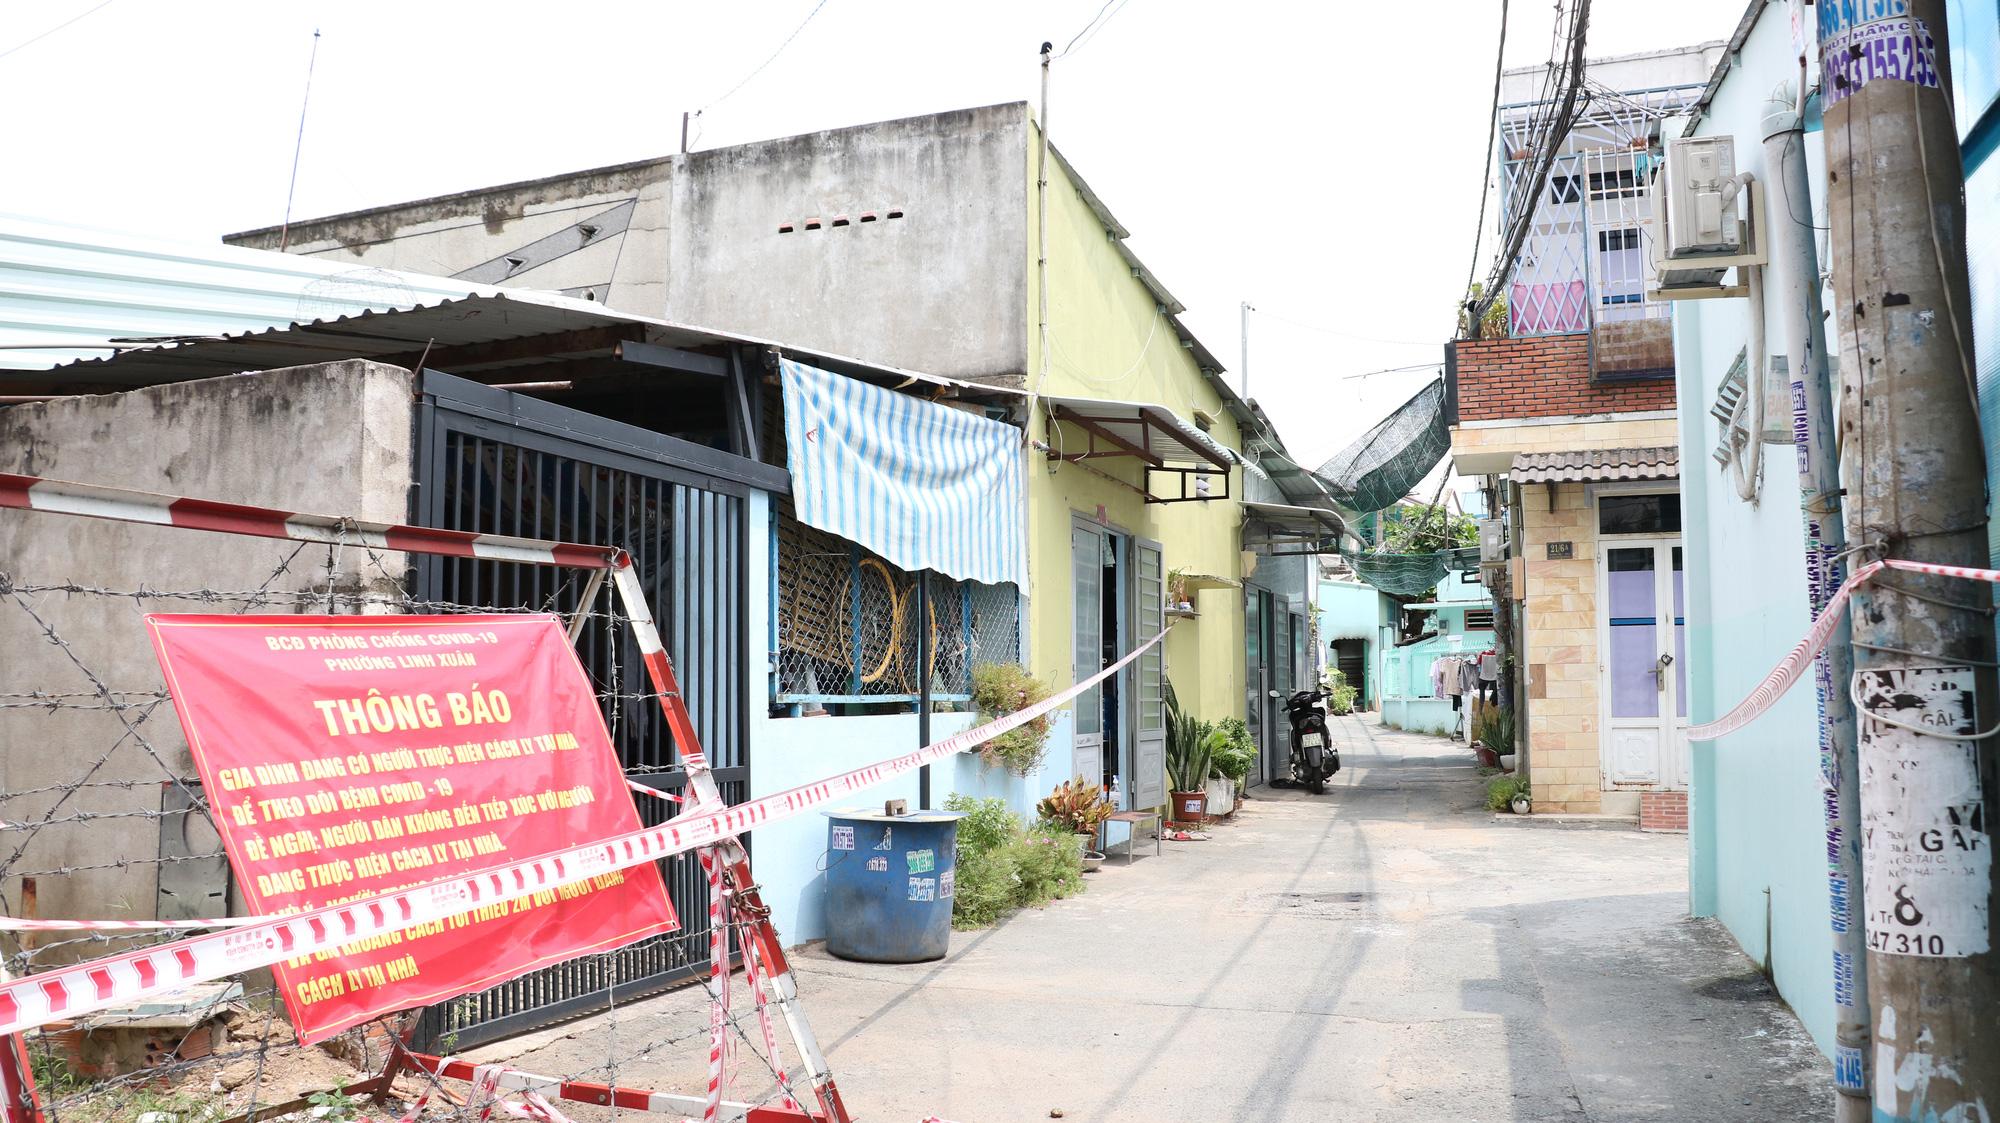 Ba khu đất dính quy hoạch tại phường Linh Xuân, TP Thủ Đức [phần 3] - Ảnh 11.